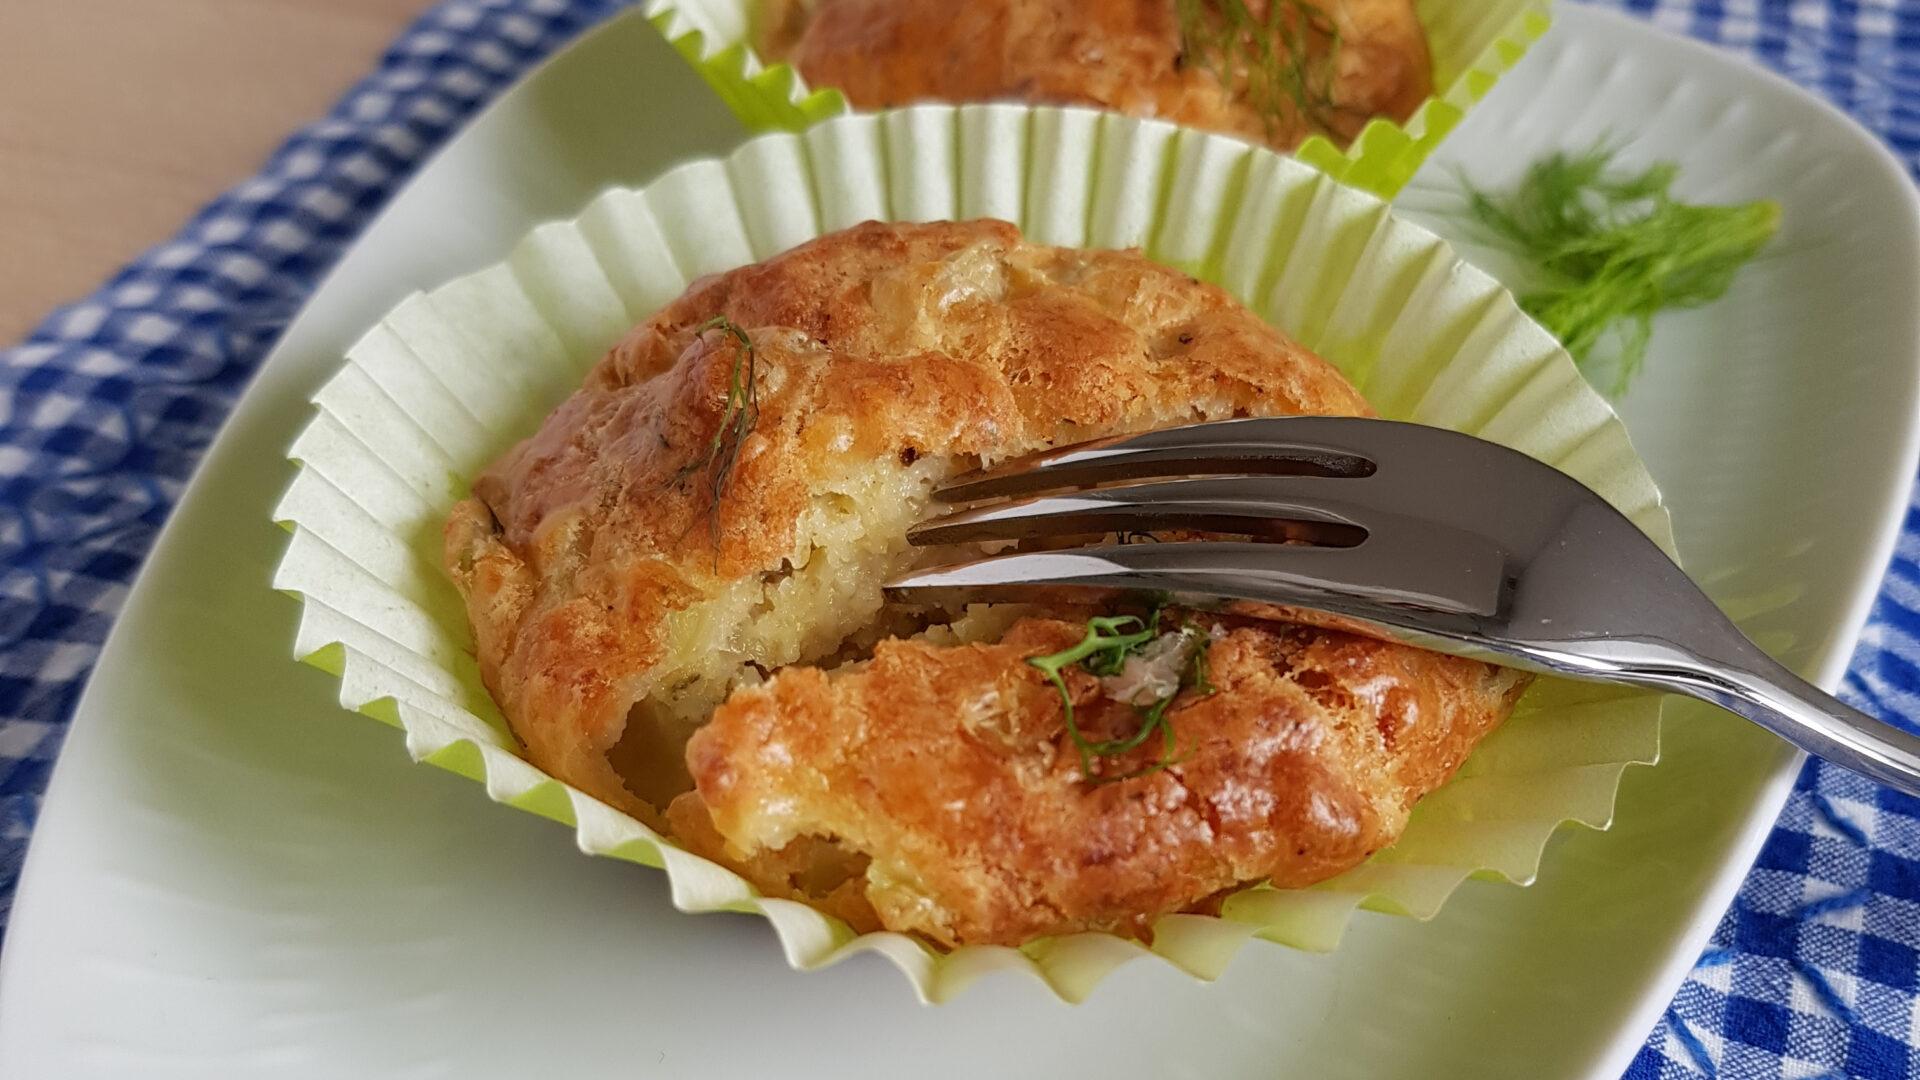 Apéro-Muffins mit Fenchel und Räucherlachs (Foto: Sarah, 2020)